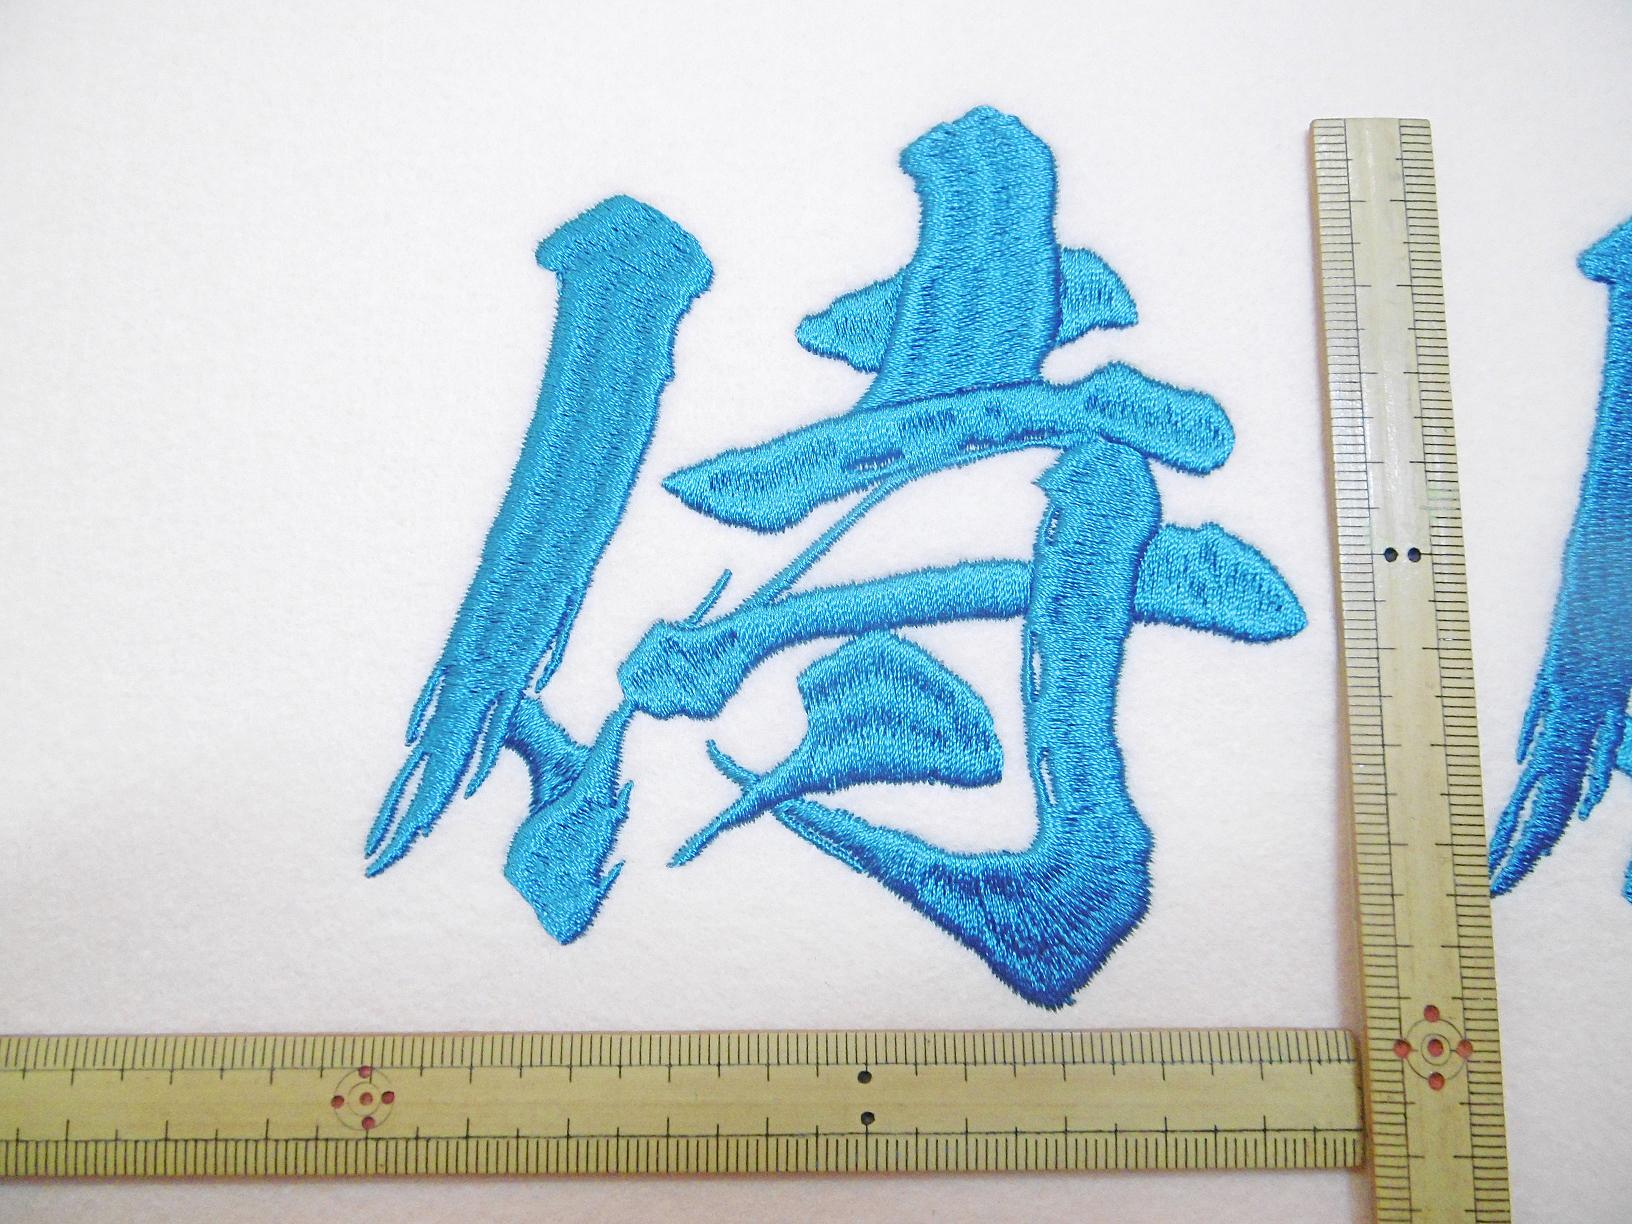 サテン縫いの実物サンプル。